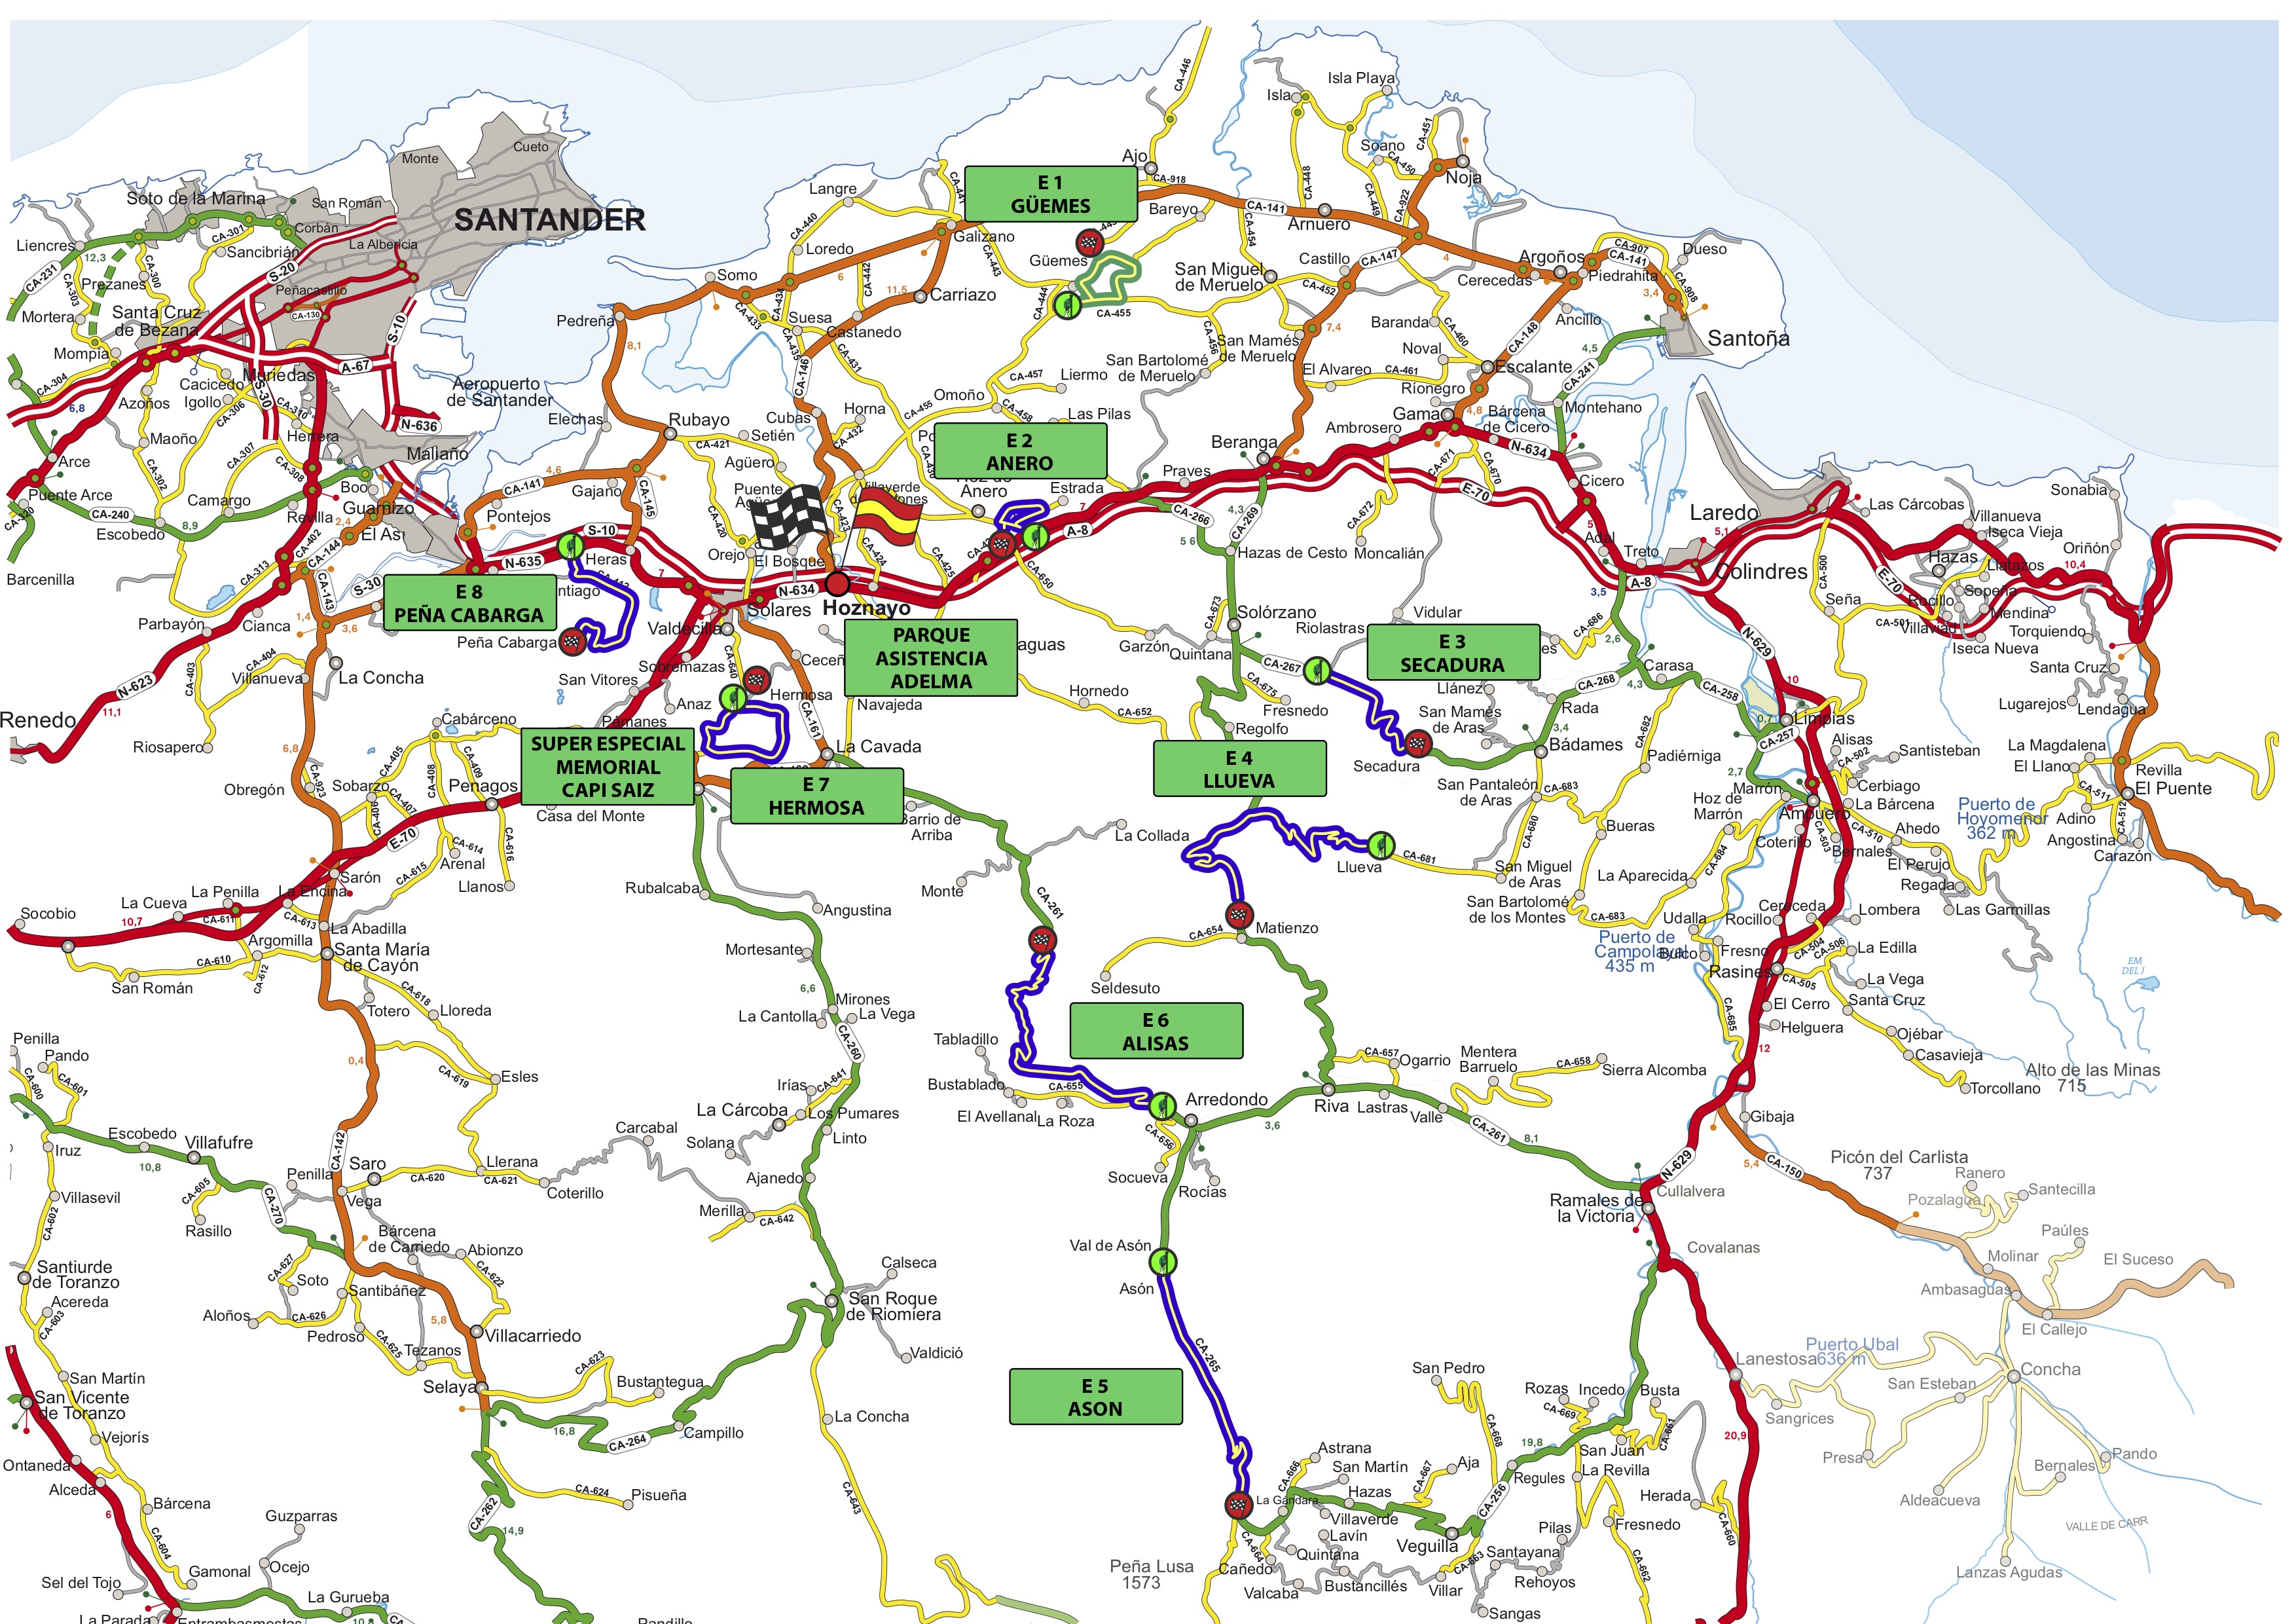 Rallye Festival Trasmiera 2019 [9 - 11 Mayo] - Página 5 Mapa_trasmiera_2019